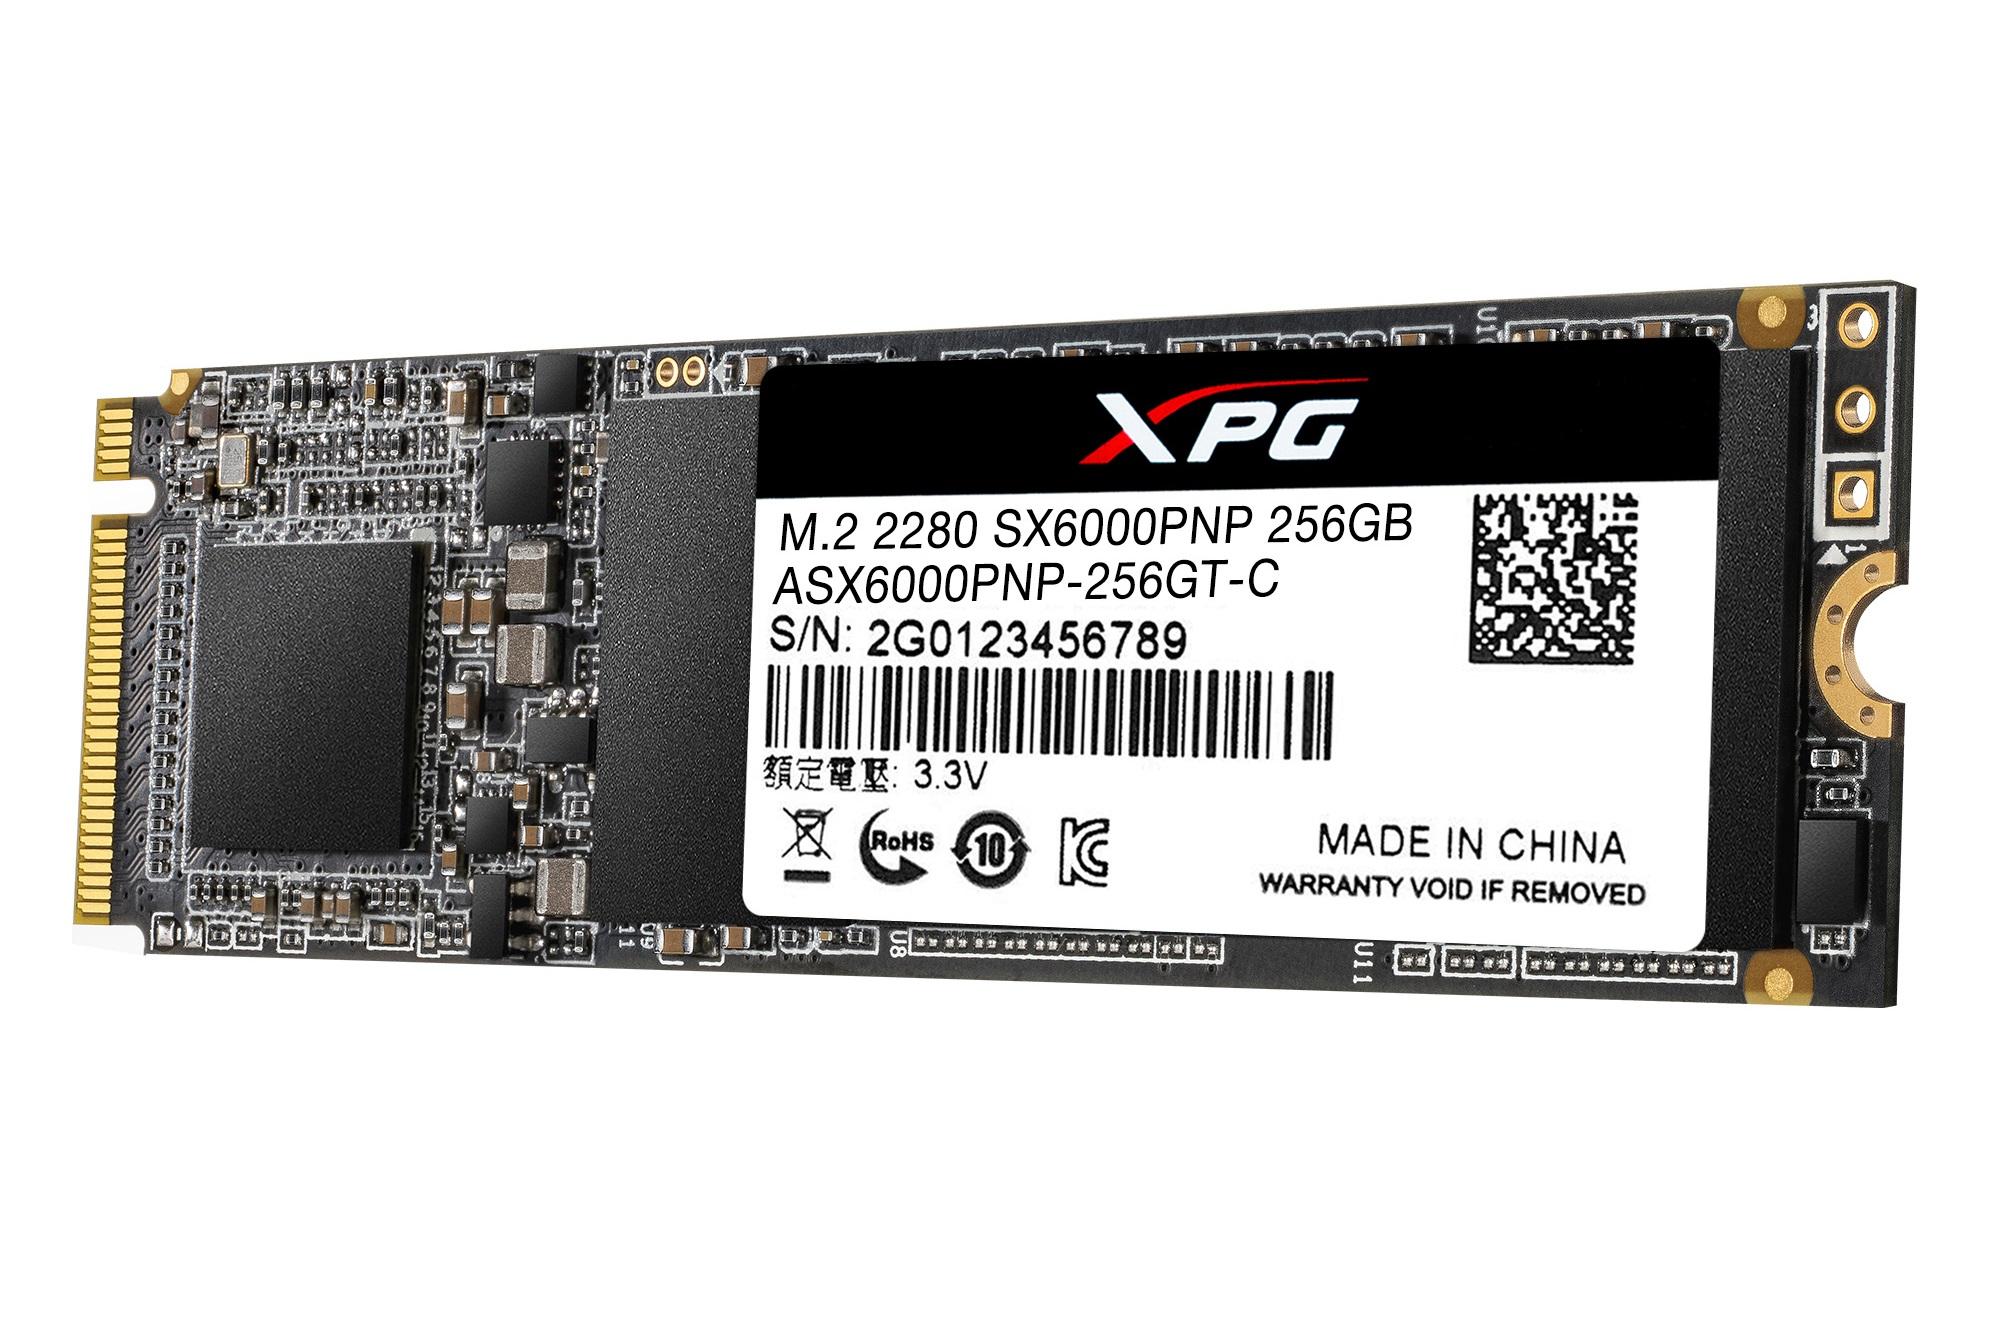 XPG SX6000 Lite M.2 2280 512GB PCIe NVMe Gen3x4 Internal Solid State Drive SSD